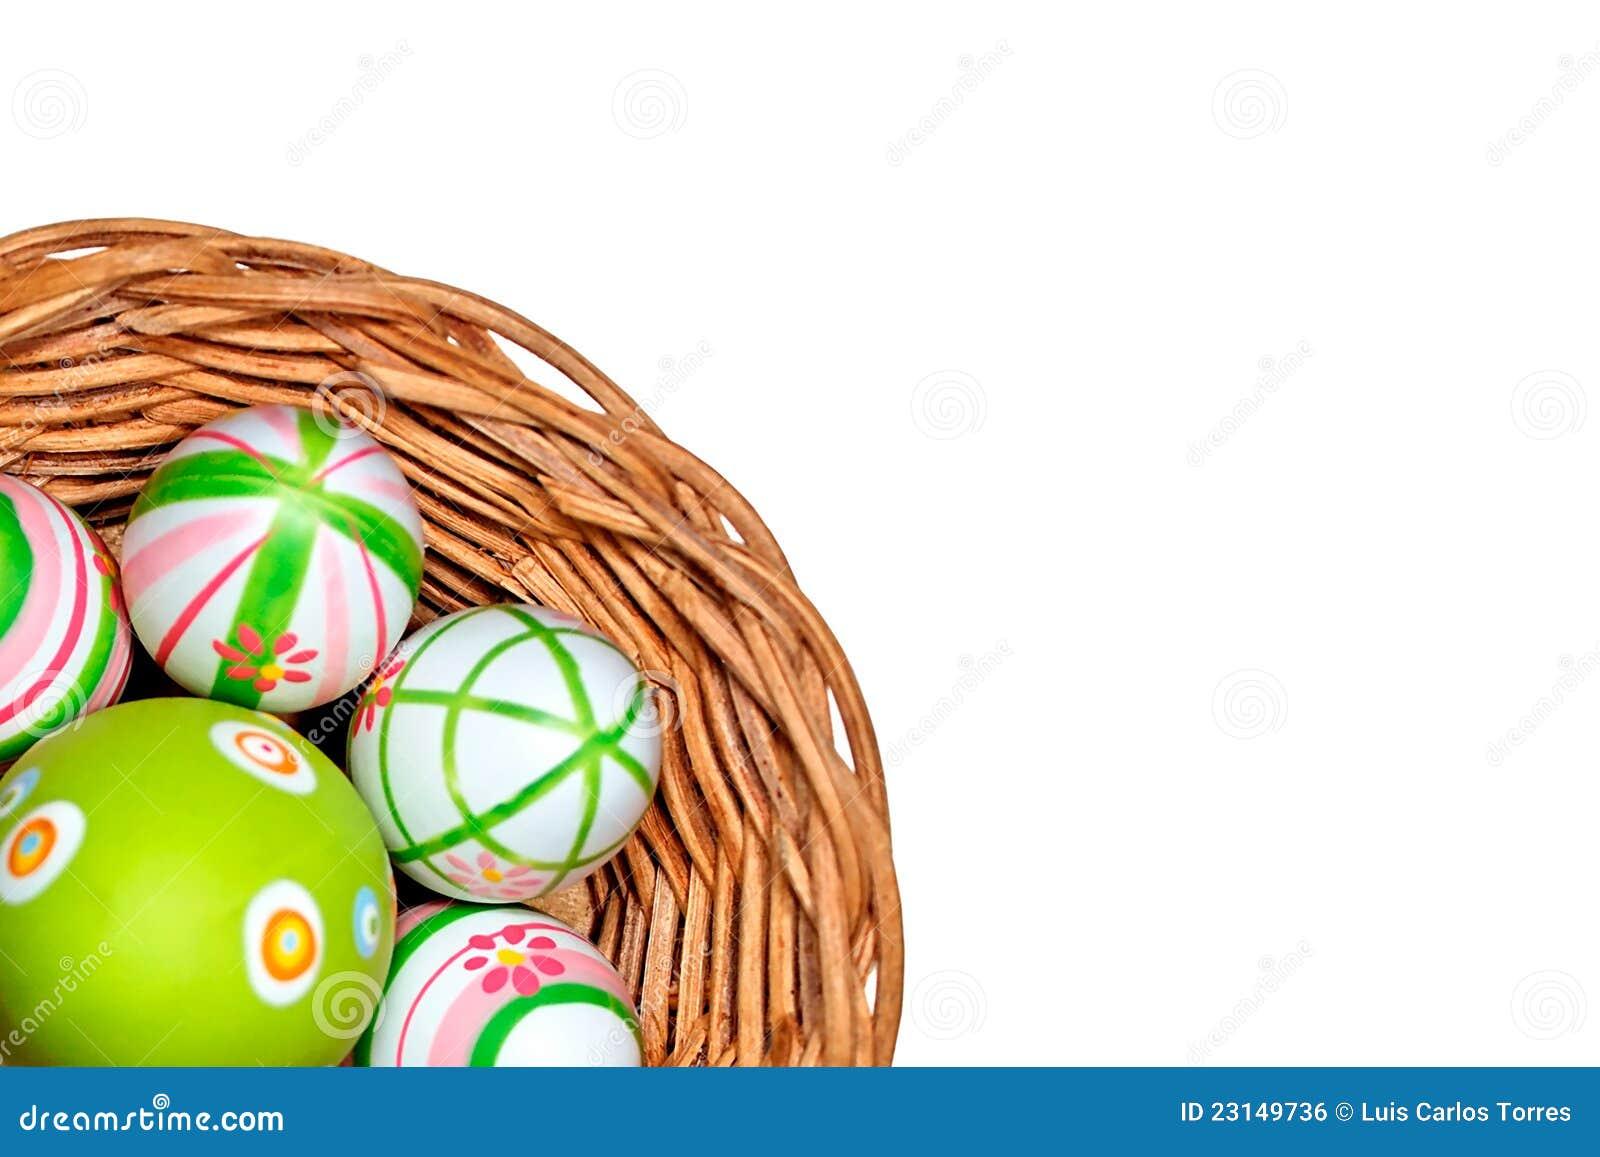 Αυγά Πάσχας σε ένα καλάθι από τη γωνία